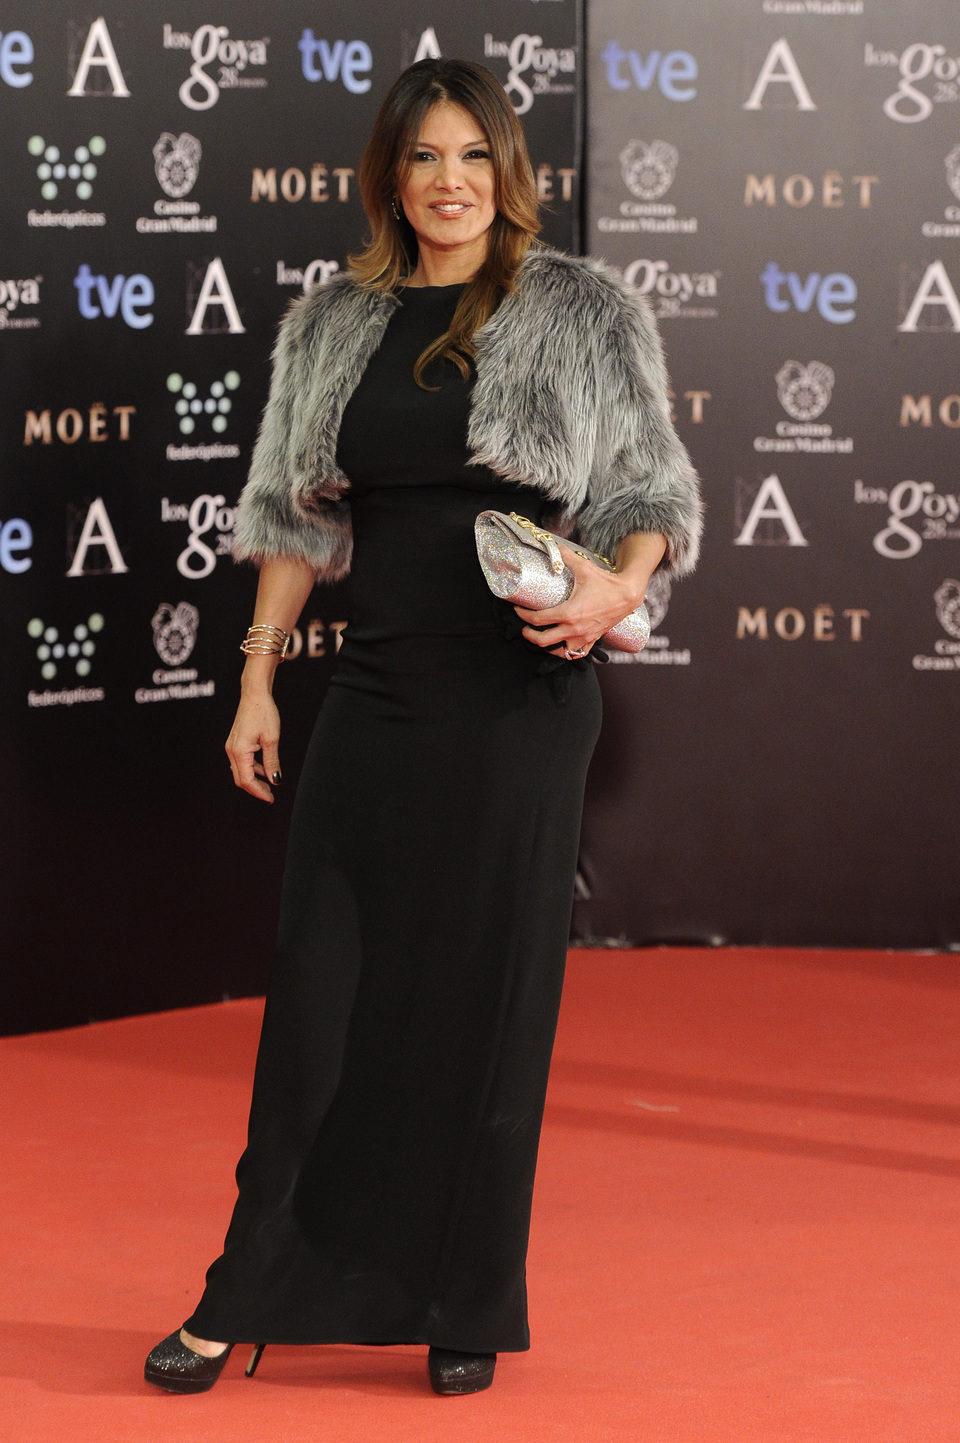 Ivonne Reyes en la alfombra roja de los Goya 2014